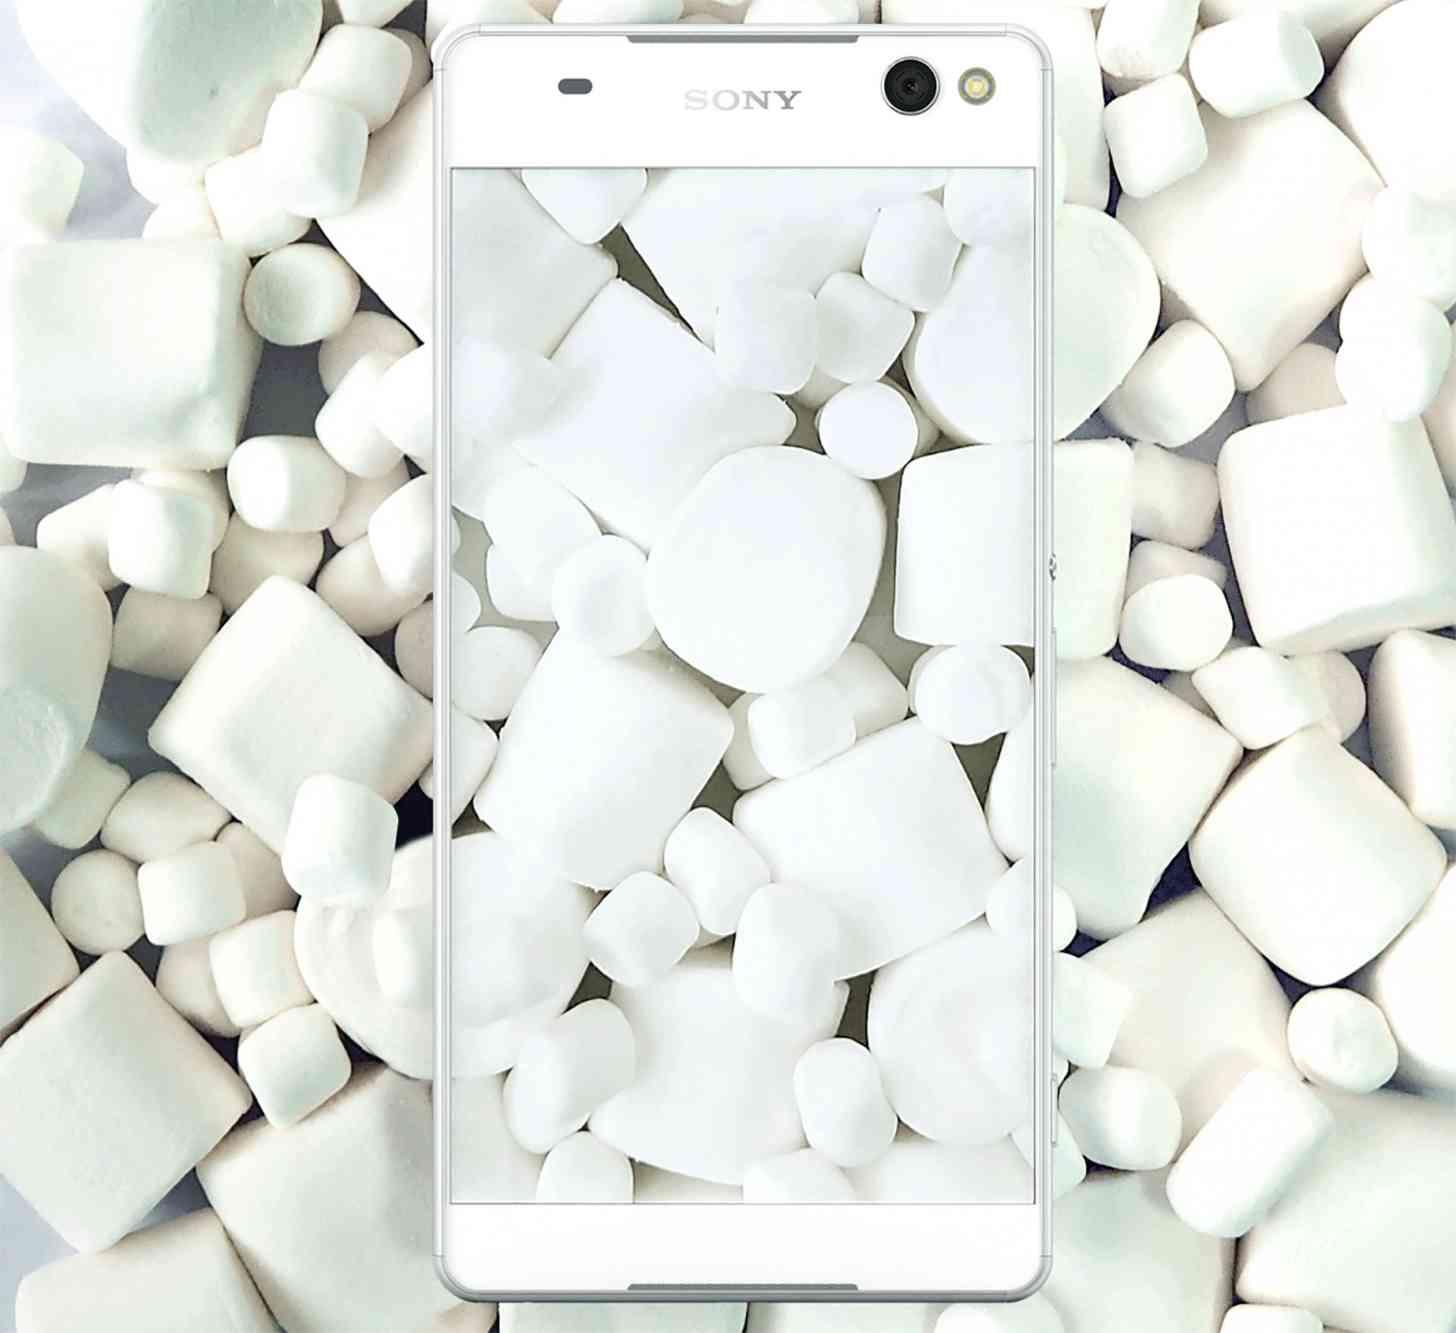 Sony Xperia Android 6.0 Marshmallow